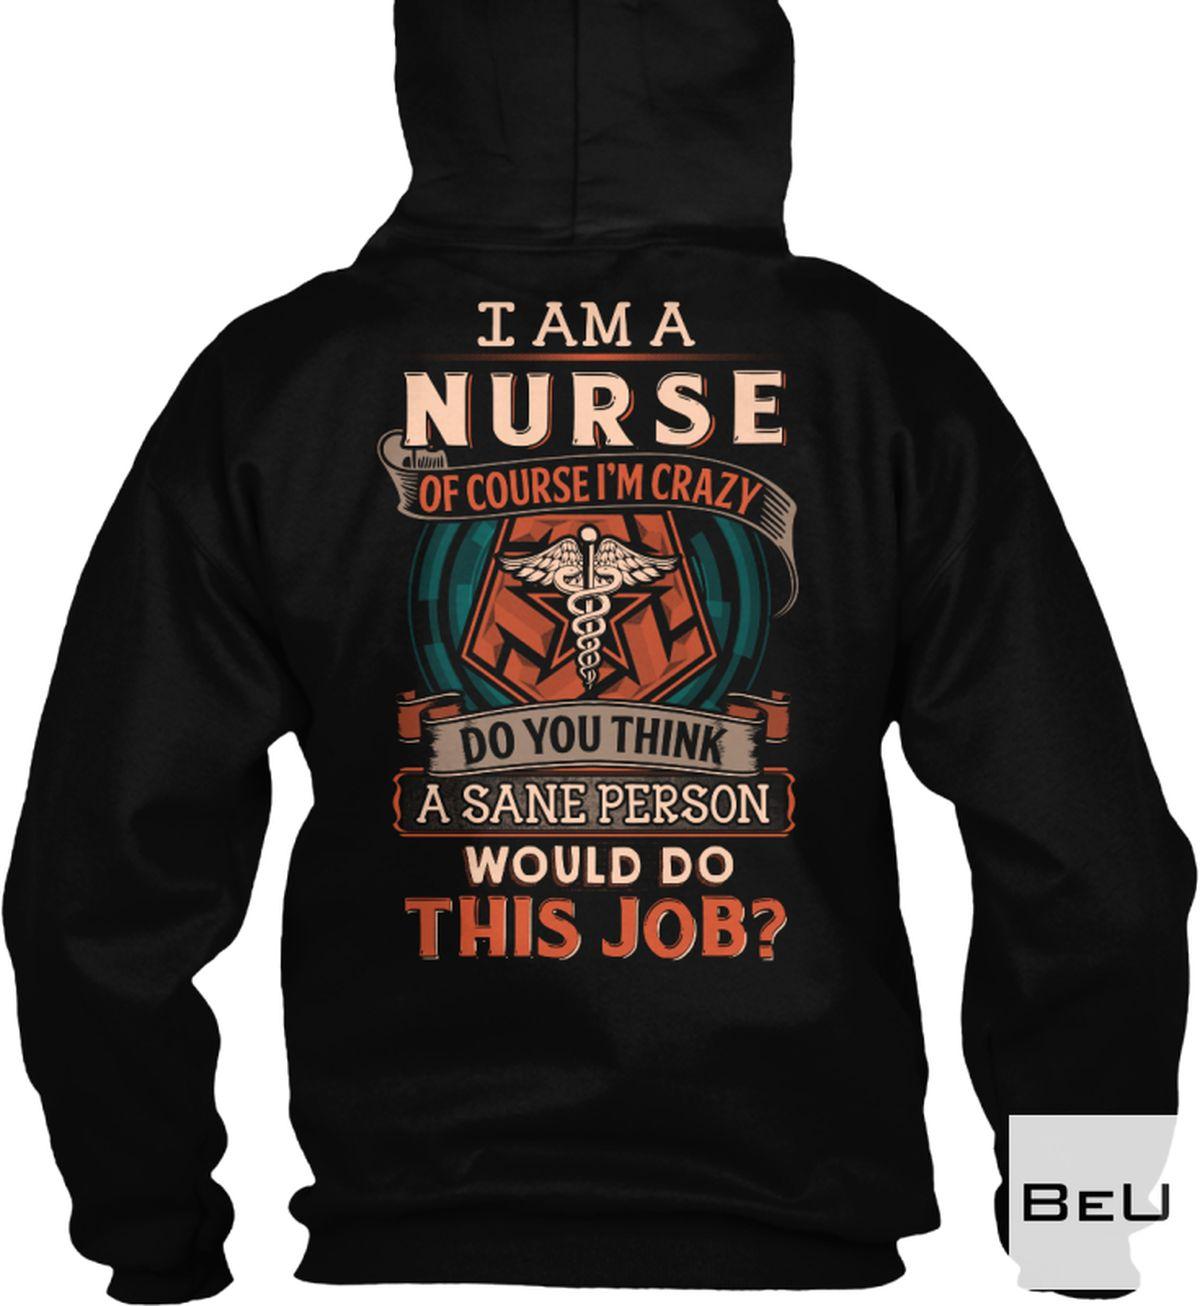 Where To Buy I Am A Nurse Of Course I'm Crazy Do You Think A Sane Person Would Do This Job Shirt